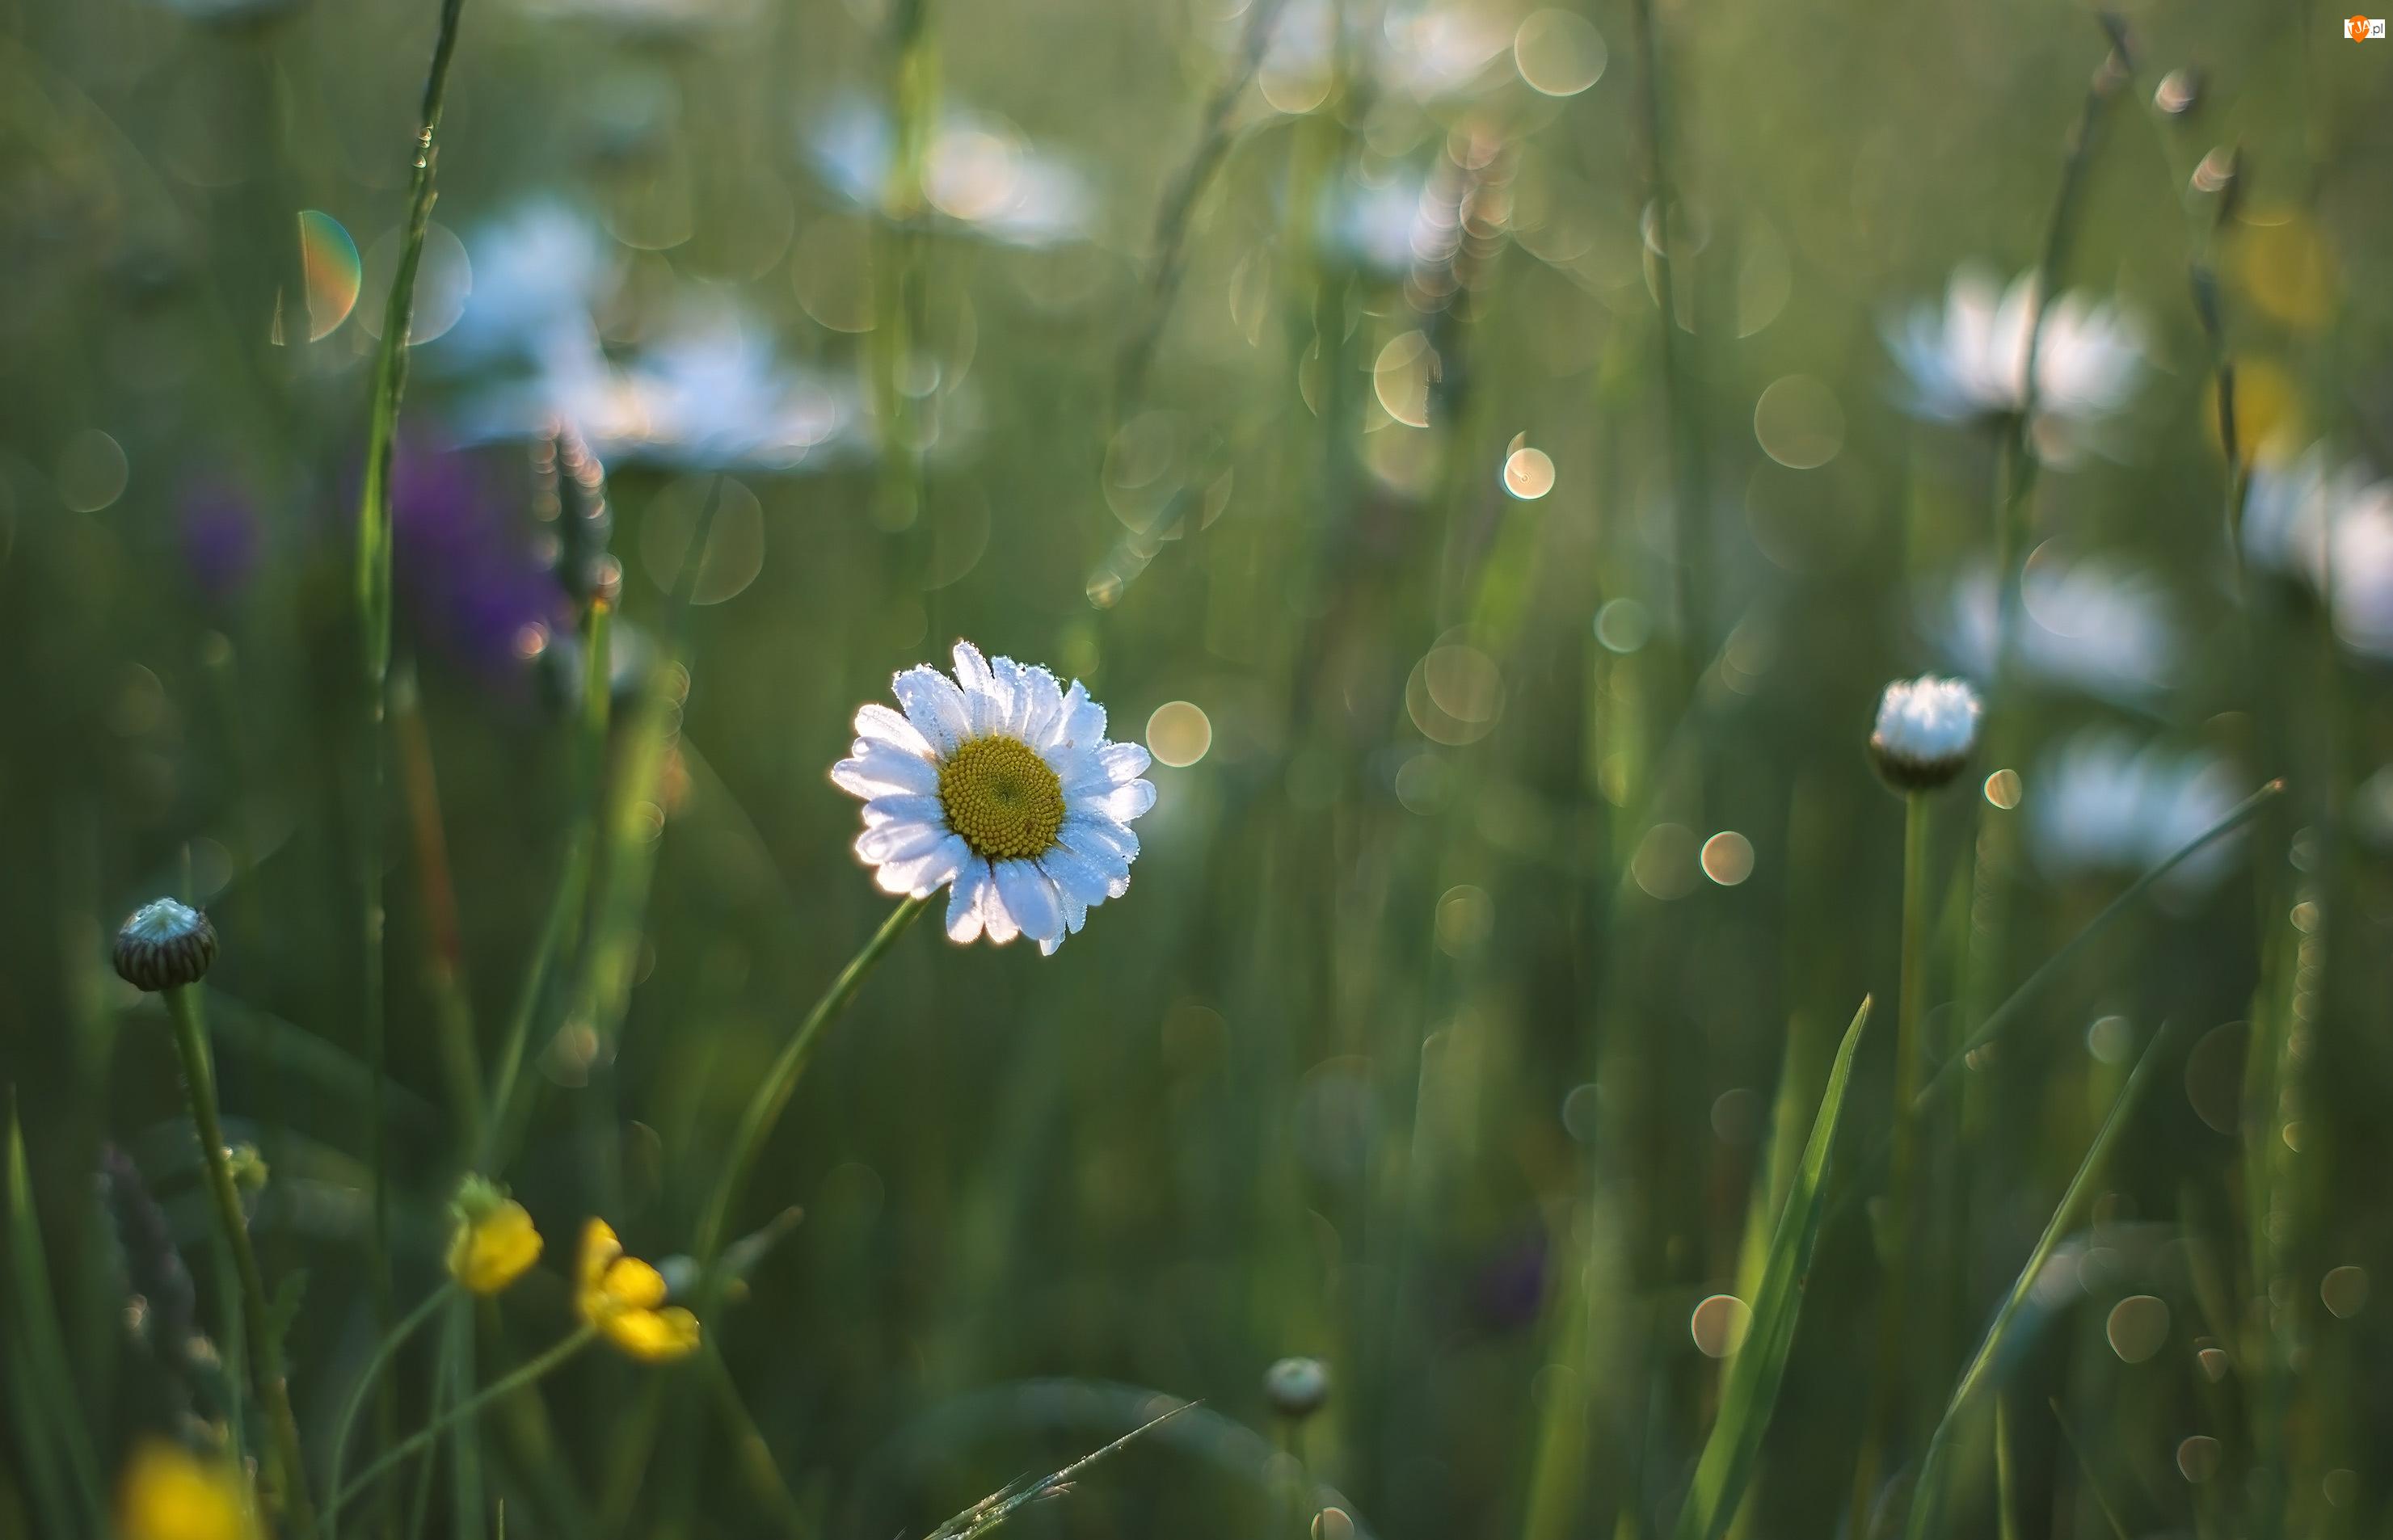 Pąki, Kwiaty, Margerytki, Złocienie